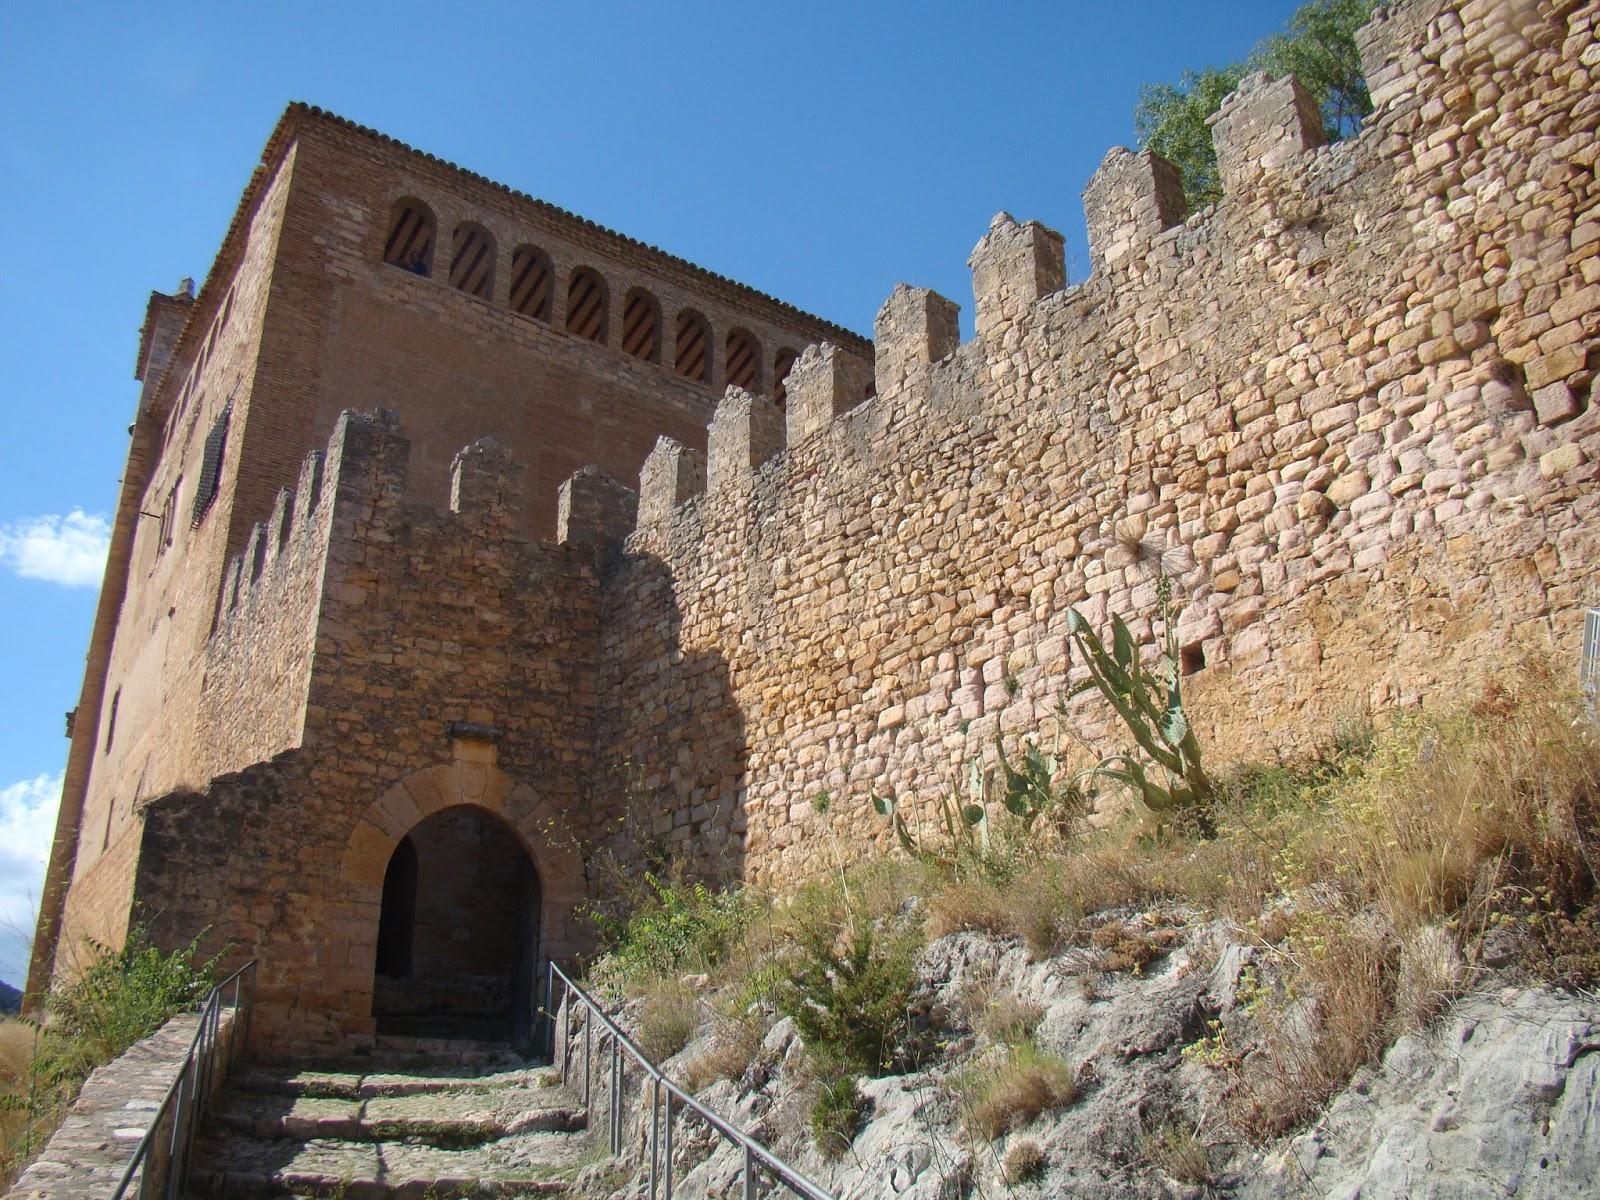 Castillos espa oles castillo de alqu zar huesca for Trazado sinuoso